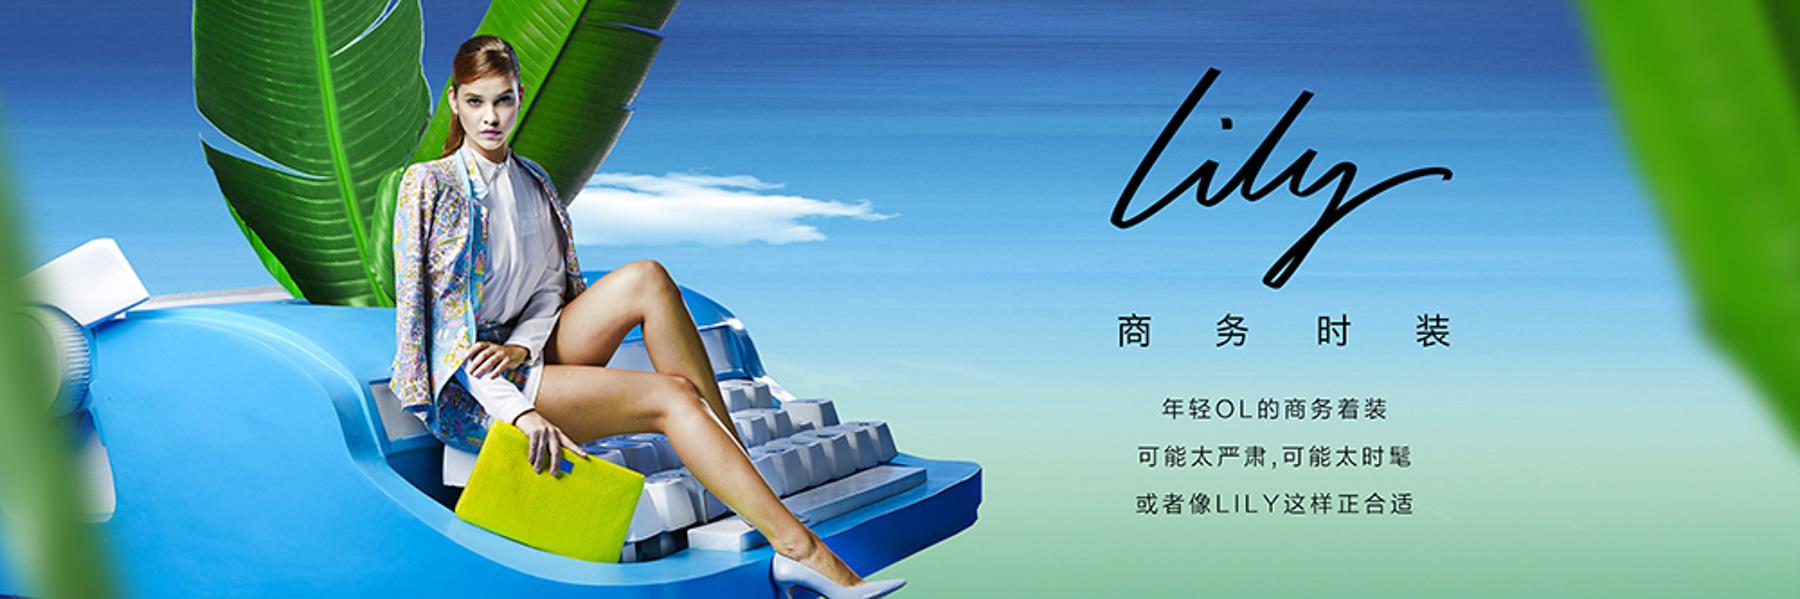 Lily (China) Featuring Barbara Palvin